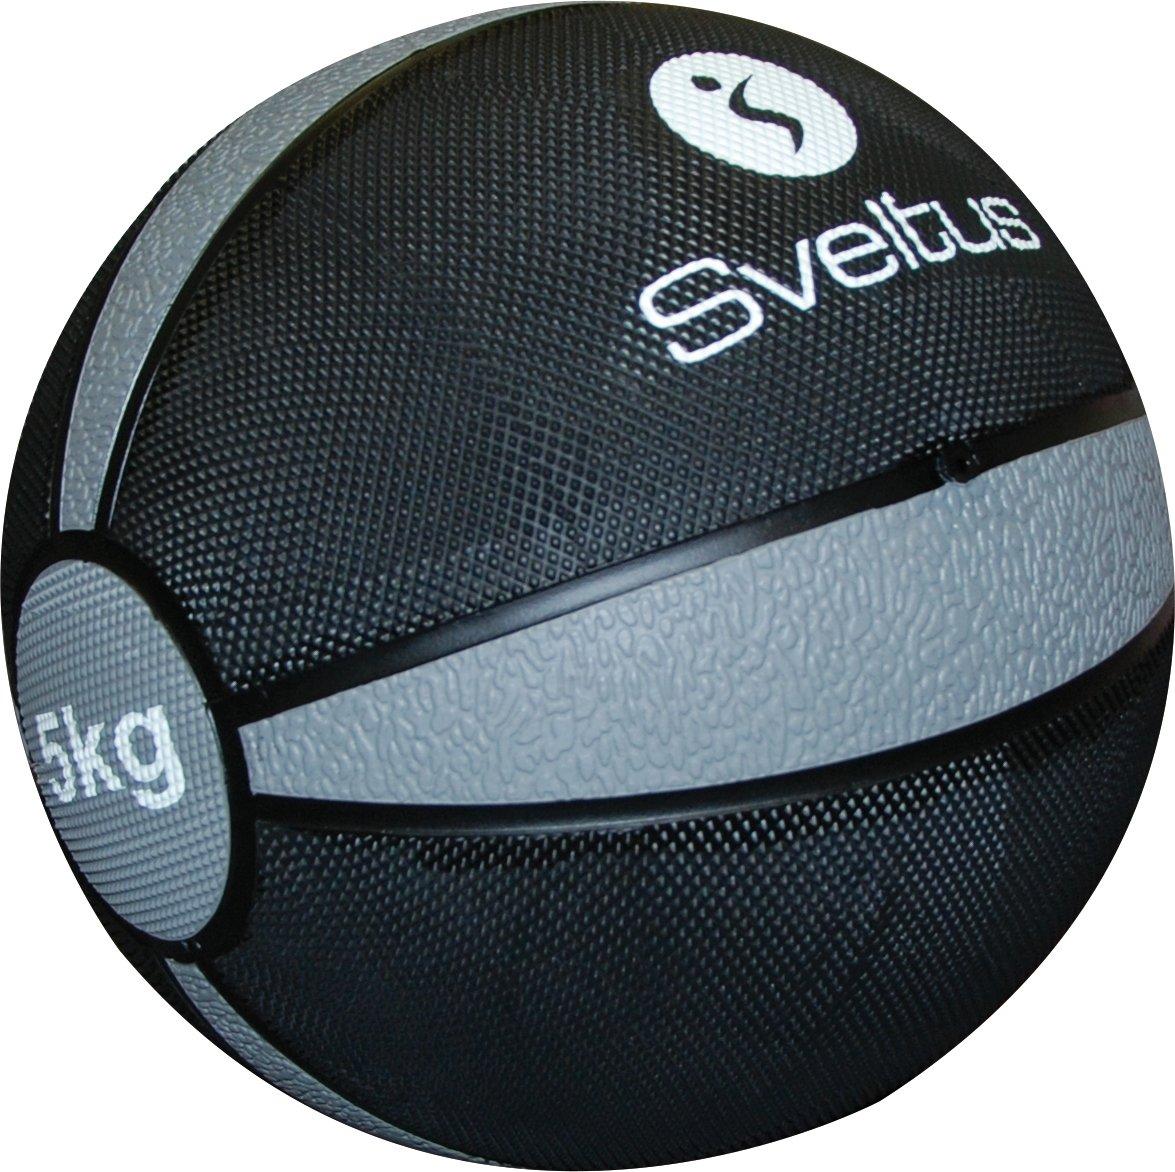 Sveltus - Balón Medicinal (5 kg), Color Gris: Amazon.es: Deportes ...